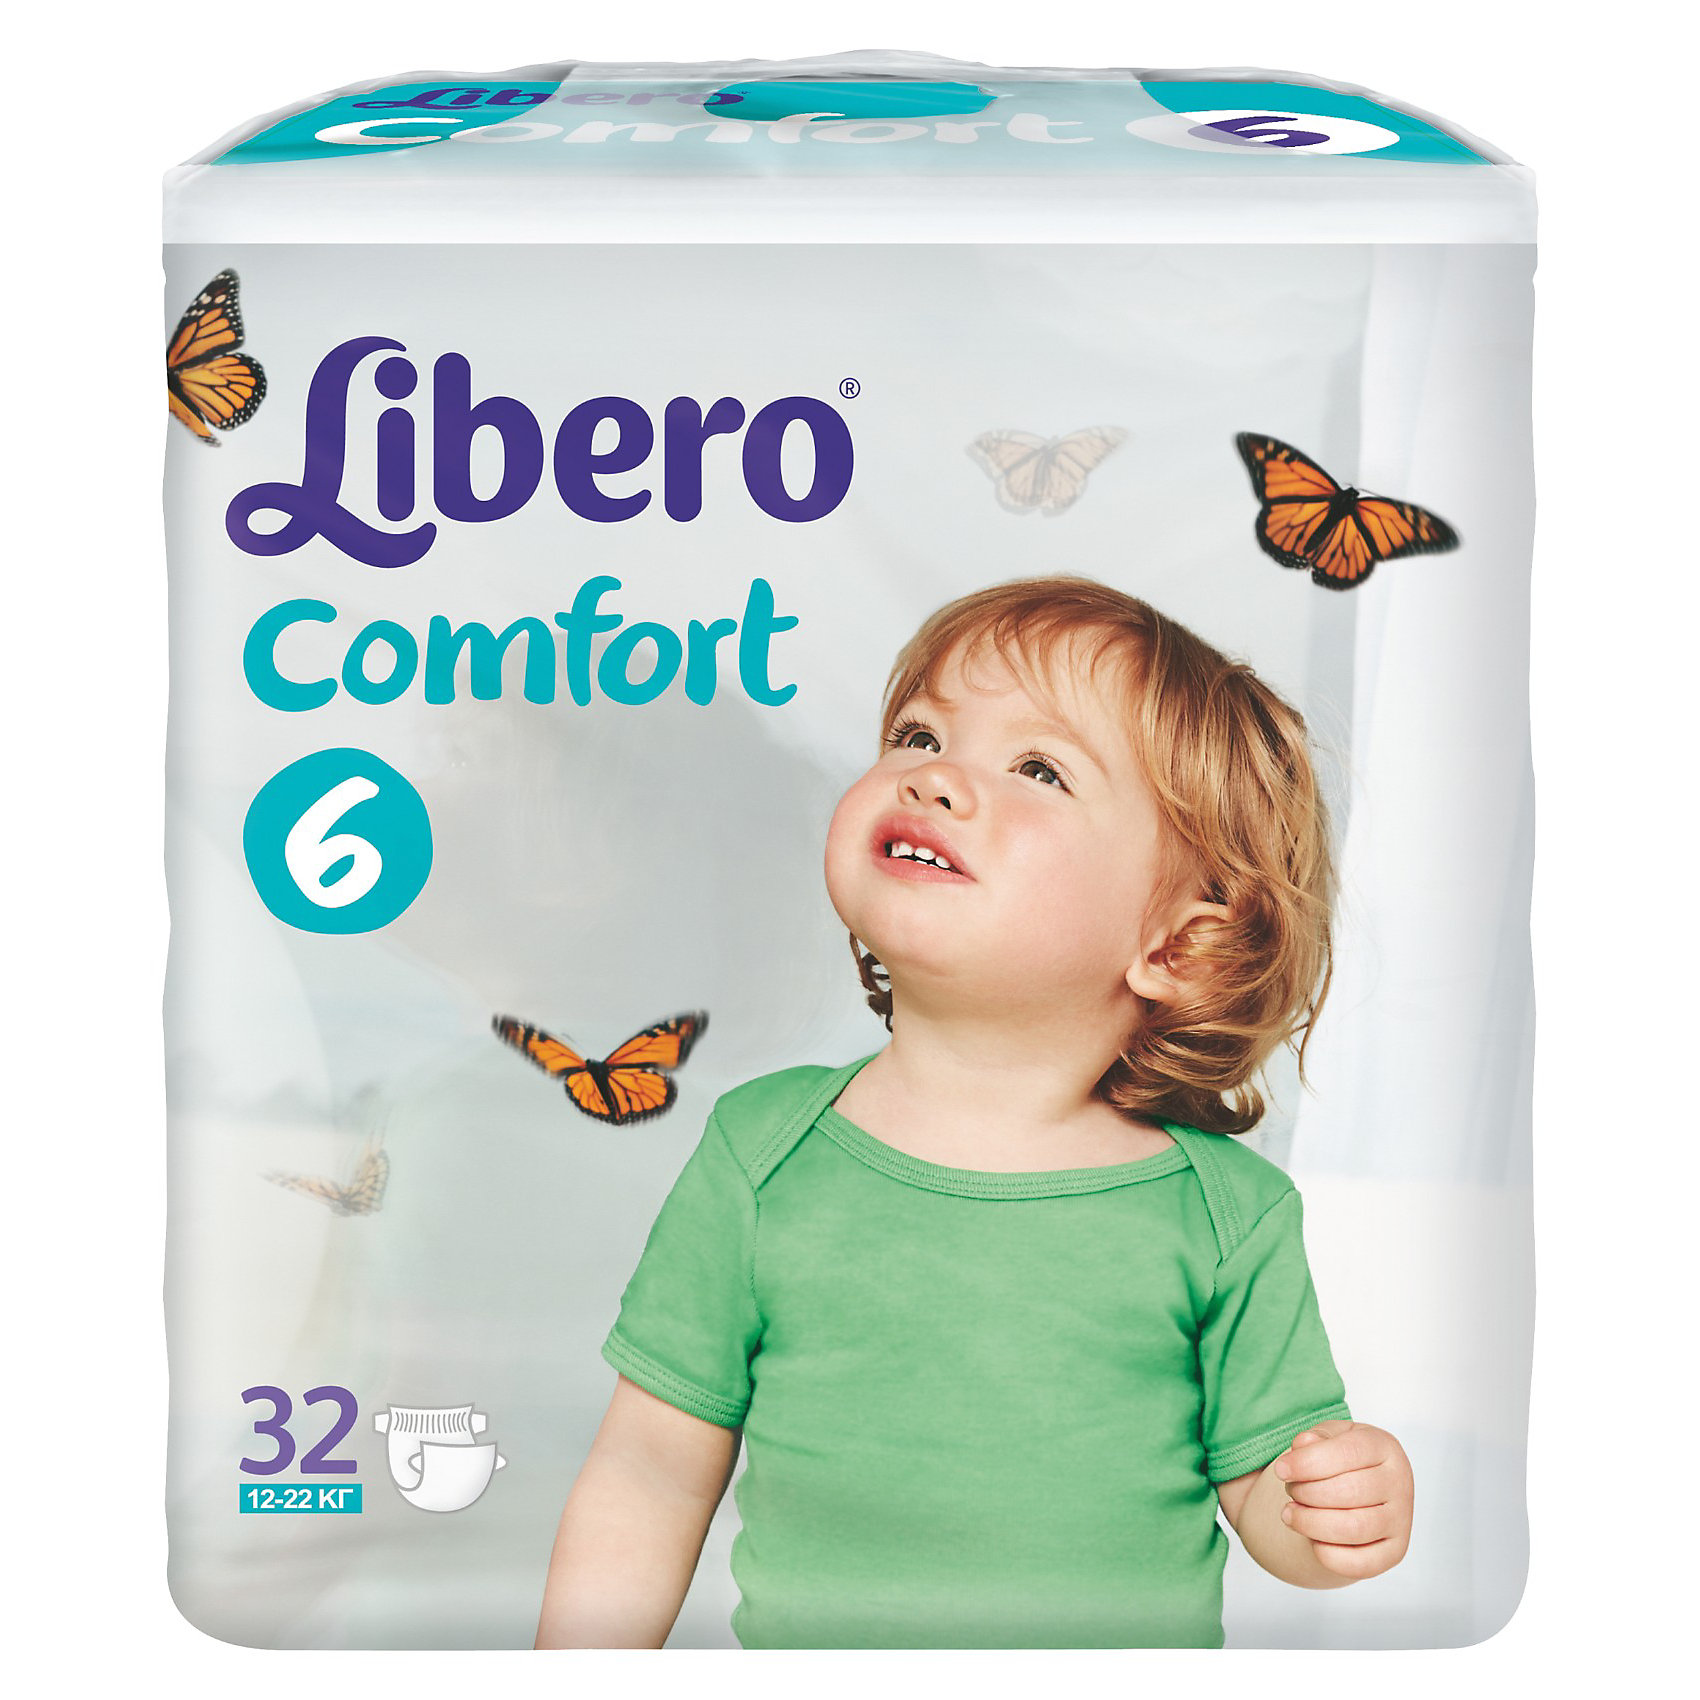 Подгузники Libero Comfort, XL 12-22 кг (6), 32 шт.Ультратонкие и мягкие подгузники с плотным абсорбционным слоем Libero Comfort (Либеро Комфорт), изготовленные из натуральных материалов, предотвращают возникновение сыпи и зуда, а также сохраняют кожу сухой в течение 12 часов. Широкие тянущиеся боковинки и эластичный поясок обеспечивают комфортное прилегание и защищают от протеканий. Мягкие барьерчики анатомической формы вокруг ножек не натирают нежную кожу, а микроскопические отверстия обеспечивают циркуляцию воздуха, чтобы попка не сопрела. На поясе расположен цветной индикатор, который поможет подобрать памперс по размеру: в правильном положении застежки должны находиться по центру.<br><br>Дополнительная информация:<br><br>- Размер: 6, XL 12-22 кг<br>- В упаковке: 32 шт. <br><br>Подгузники Libero Comfort (Либеро Комфорт), XL 12-22 кг (6), 32 шт. можно купить в нашем интернет-магазине.<br><br>Ширина мм: 127<br>Глубина мм: 240<br>Высота мм: 240<br>Вес г: 1278<br>Возраст от месяцев: 12<br>Возраст до месяцев: 72<br>Пол: Унисекс<br>Возраст: Детский<br>SKU: 3517618